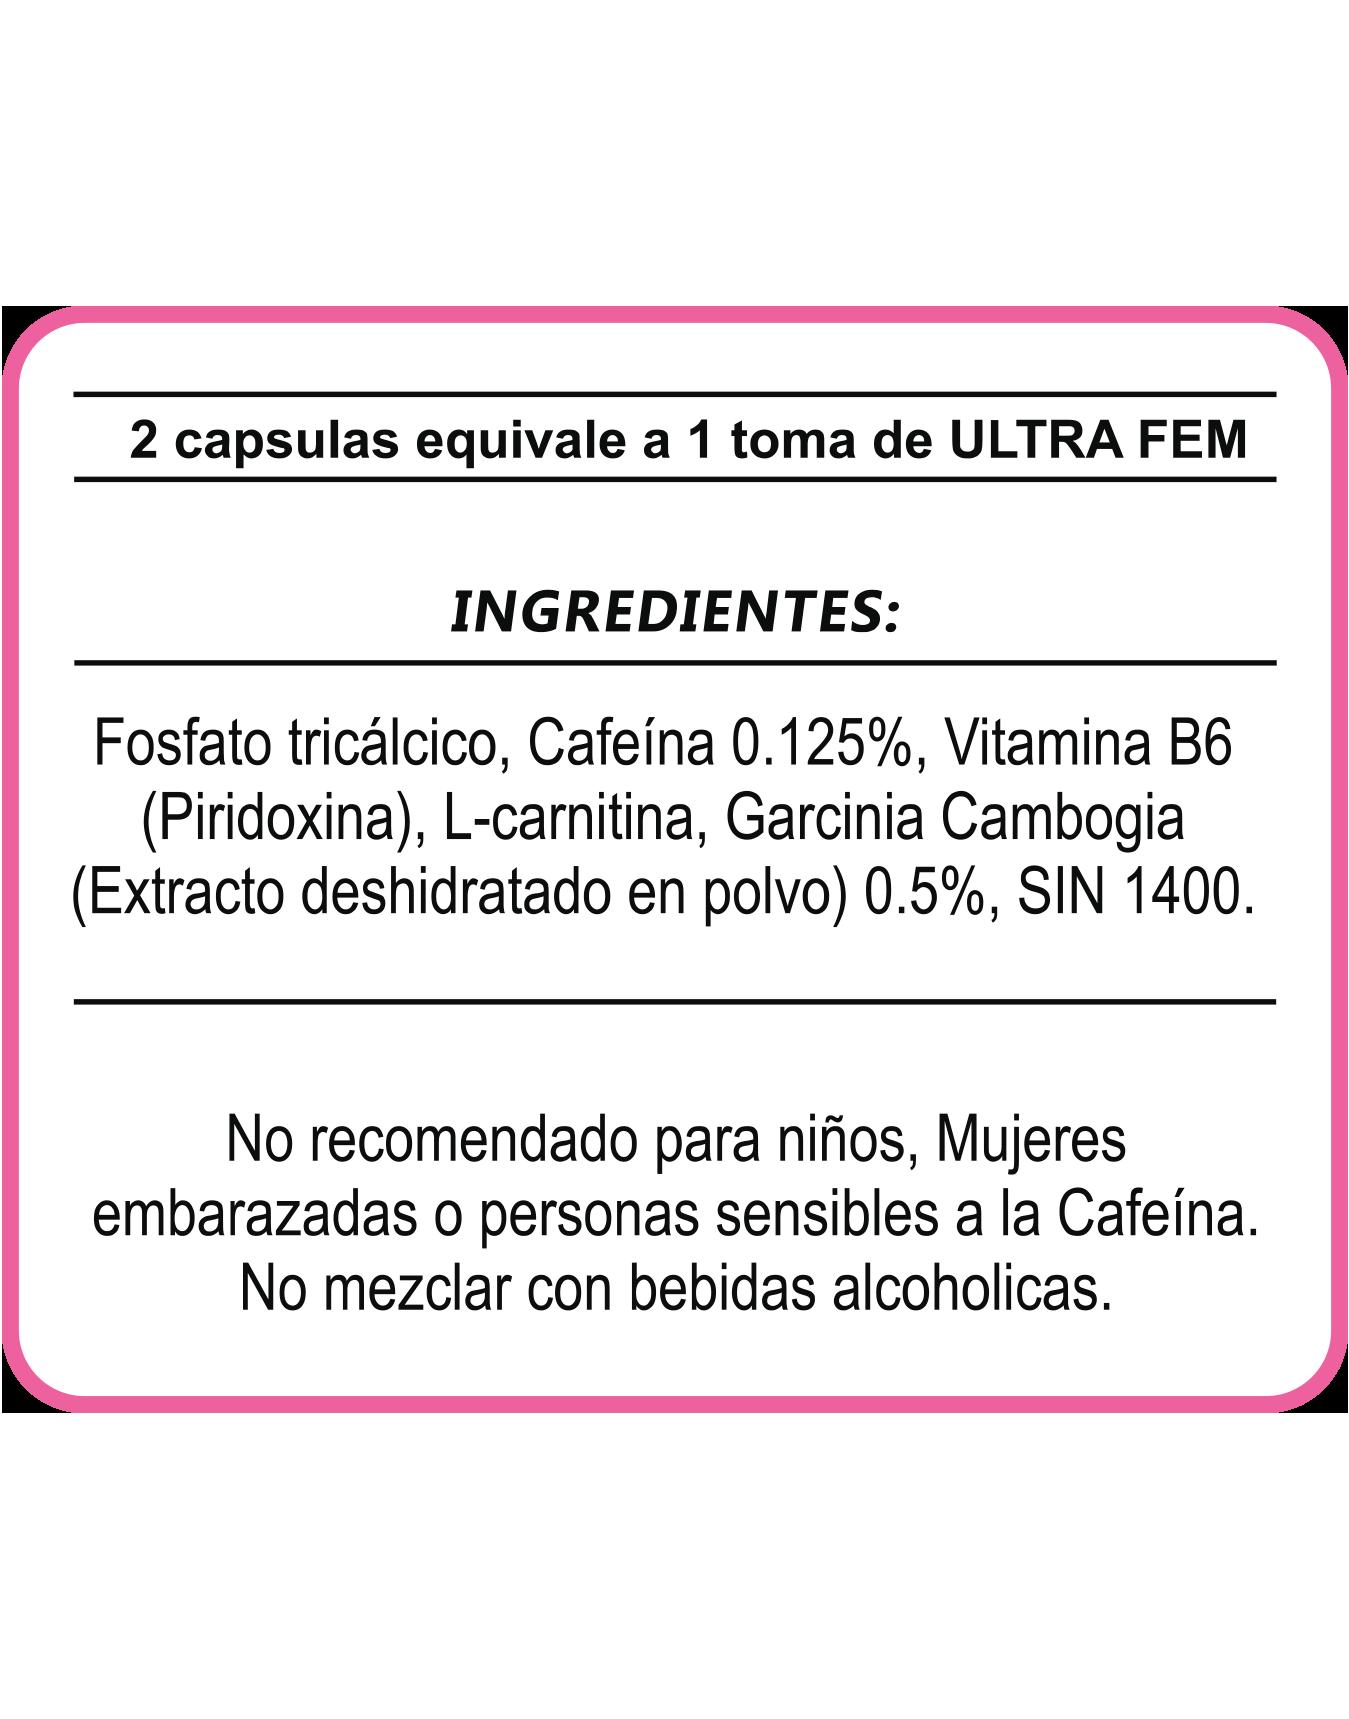 Tabla Nutricional ULTRA FEM